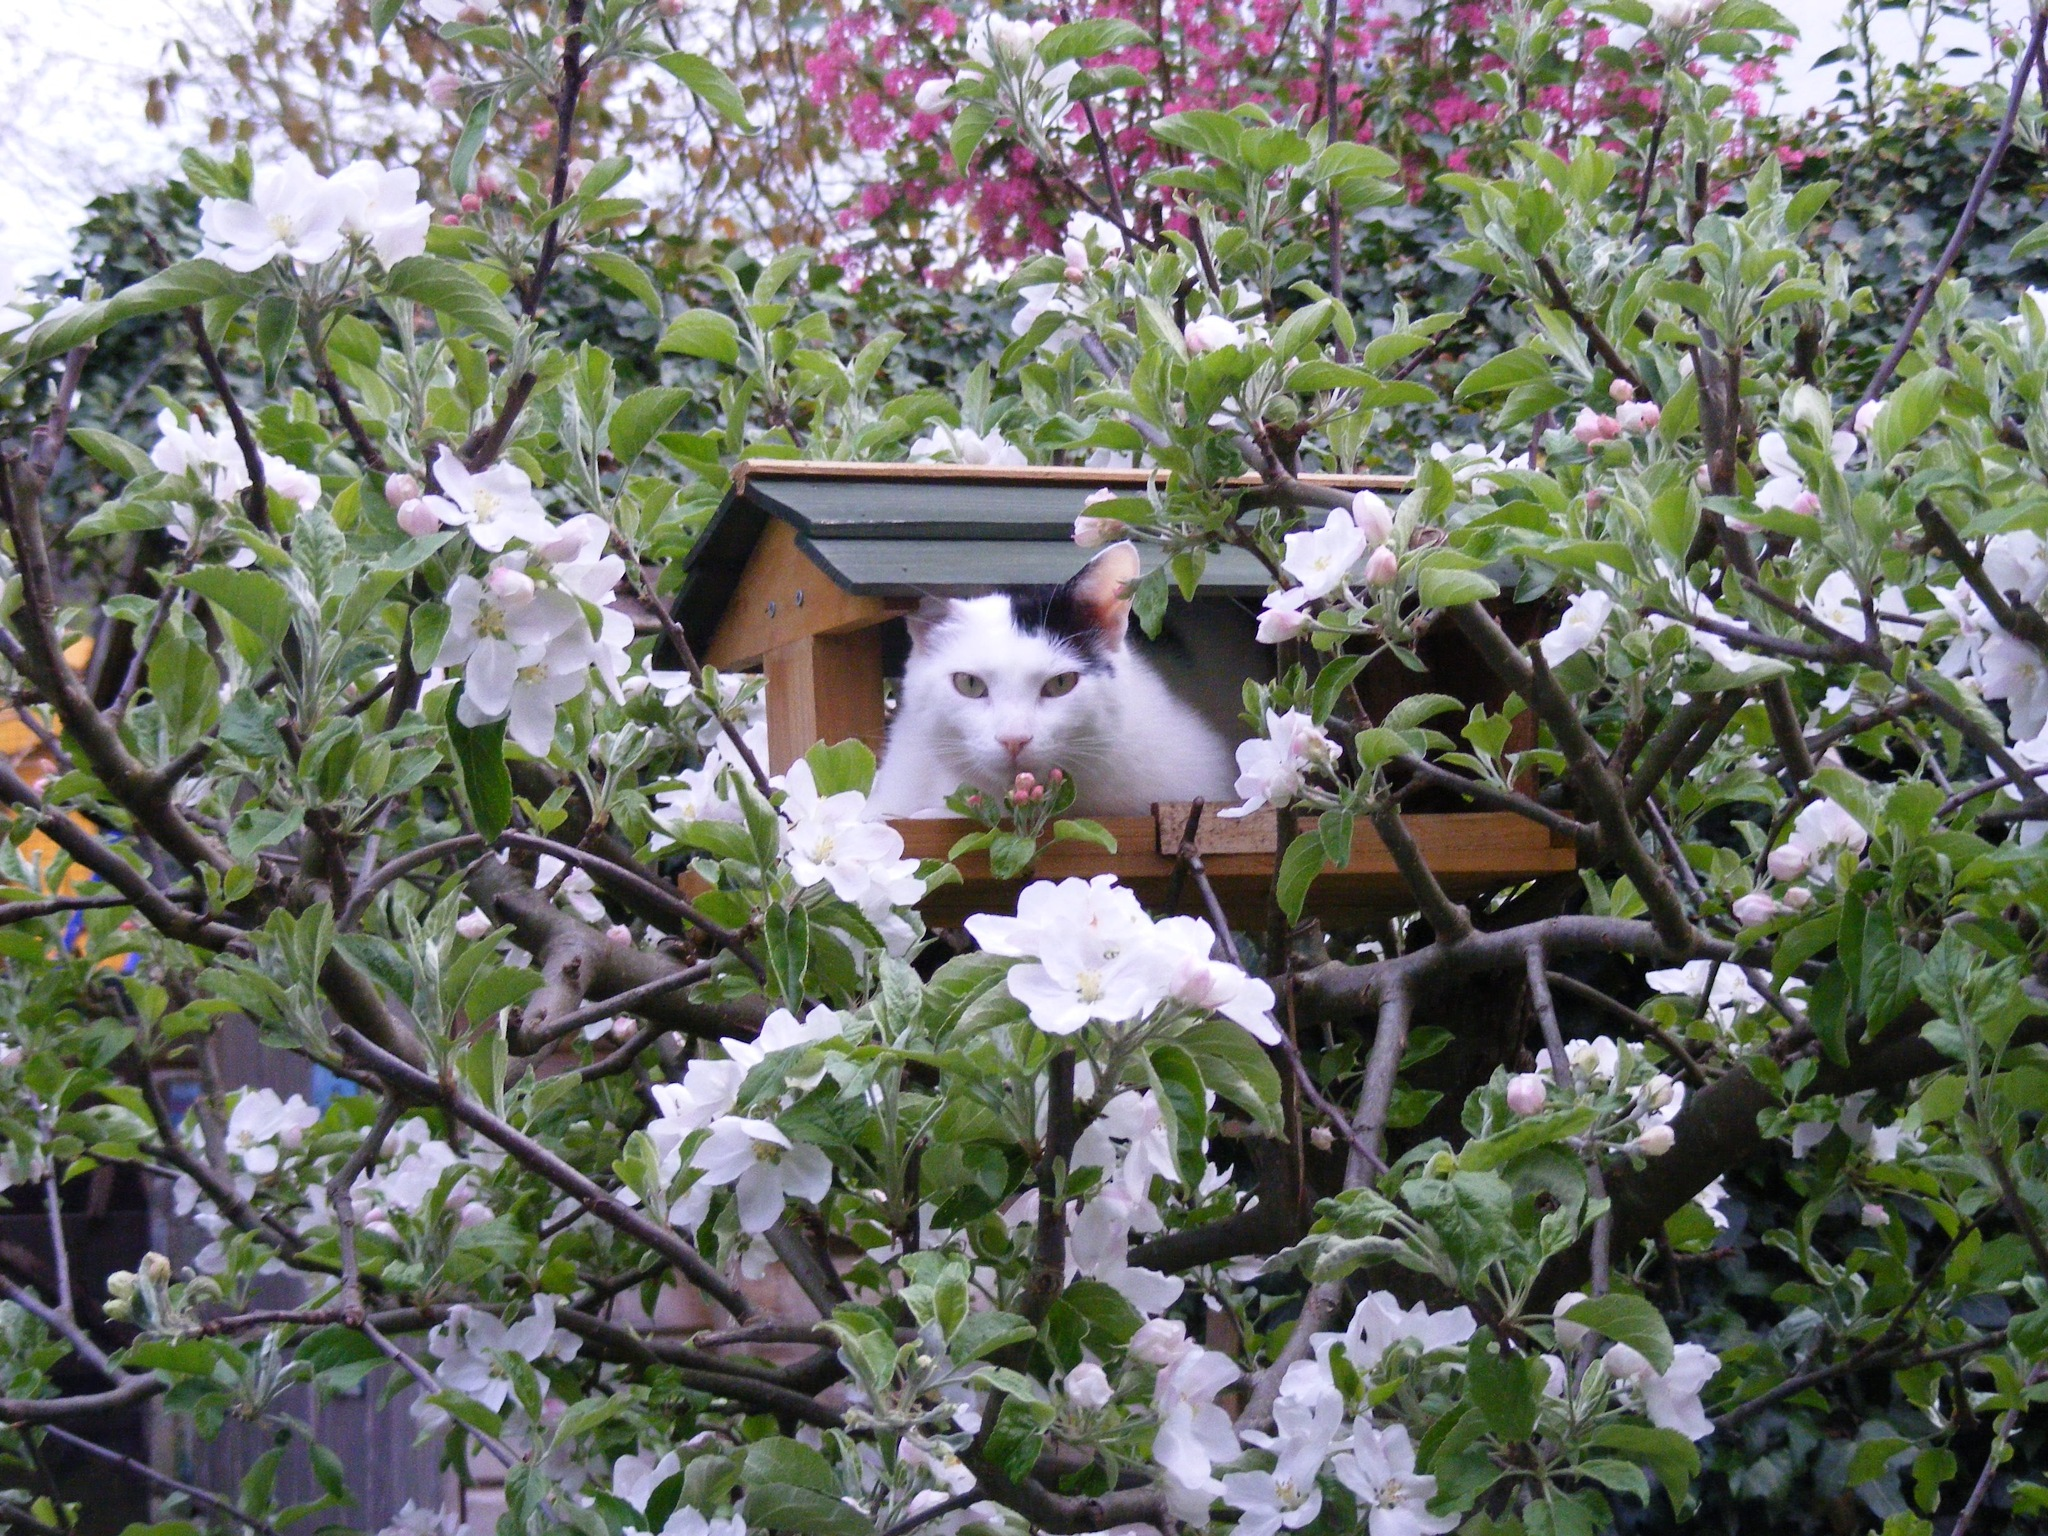 Camilla e la Primavera by swernthaler